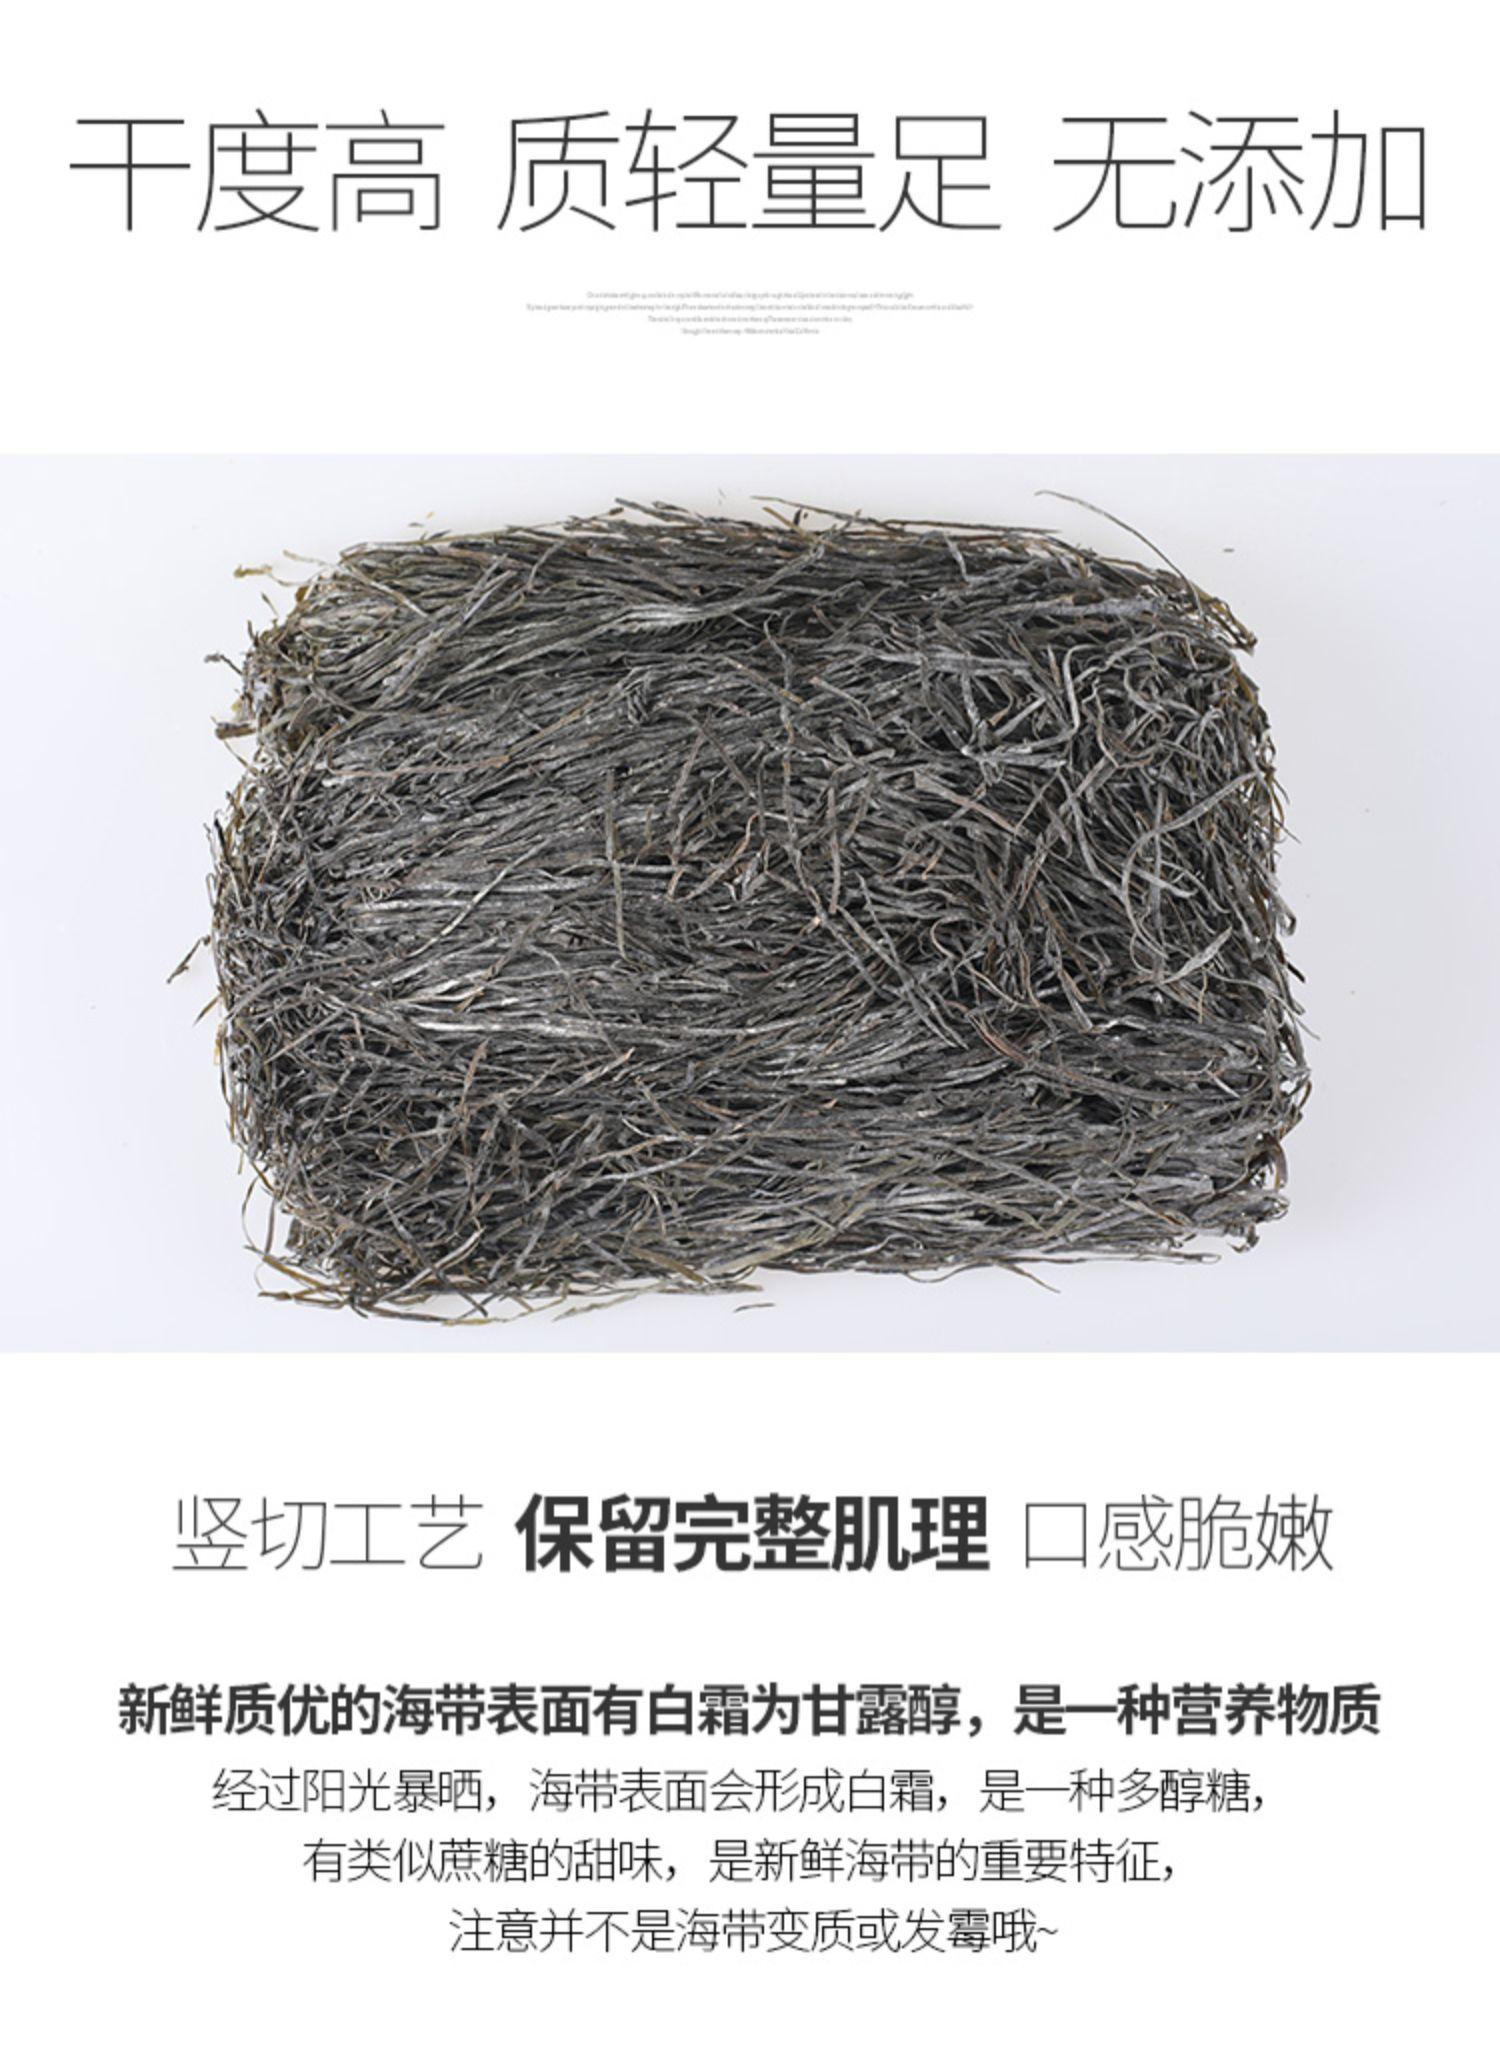 【金海林】霞浦海带丝干货500g 6